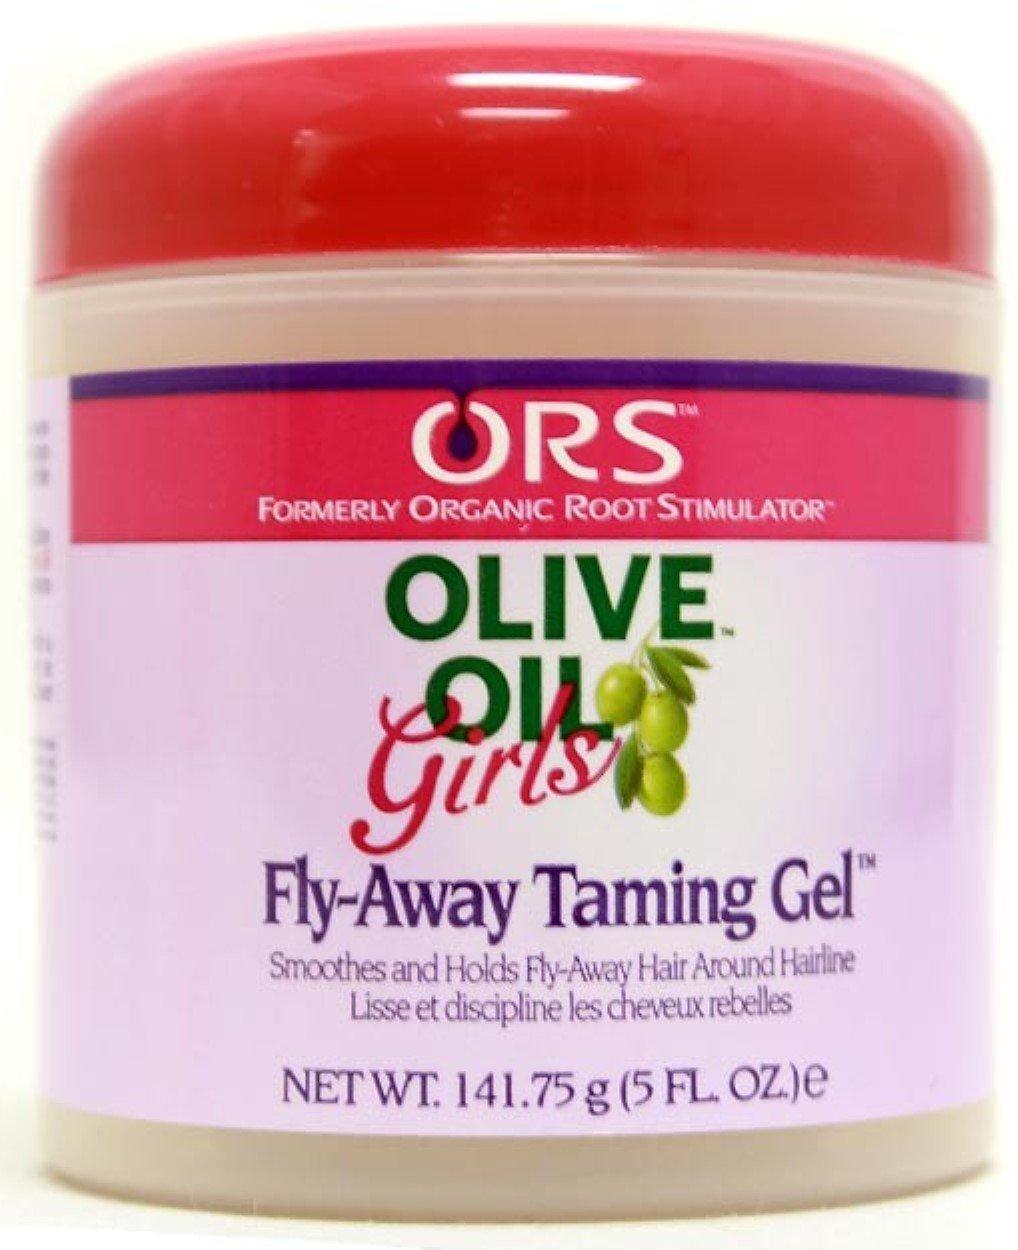 Organic Root Stimulator Girls Hair Gel Fly-Away Taming, 5 oz (Pack of 6)